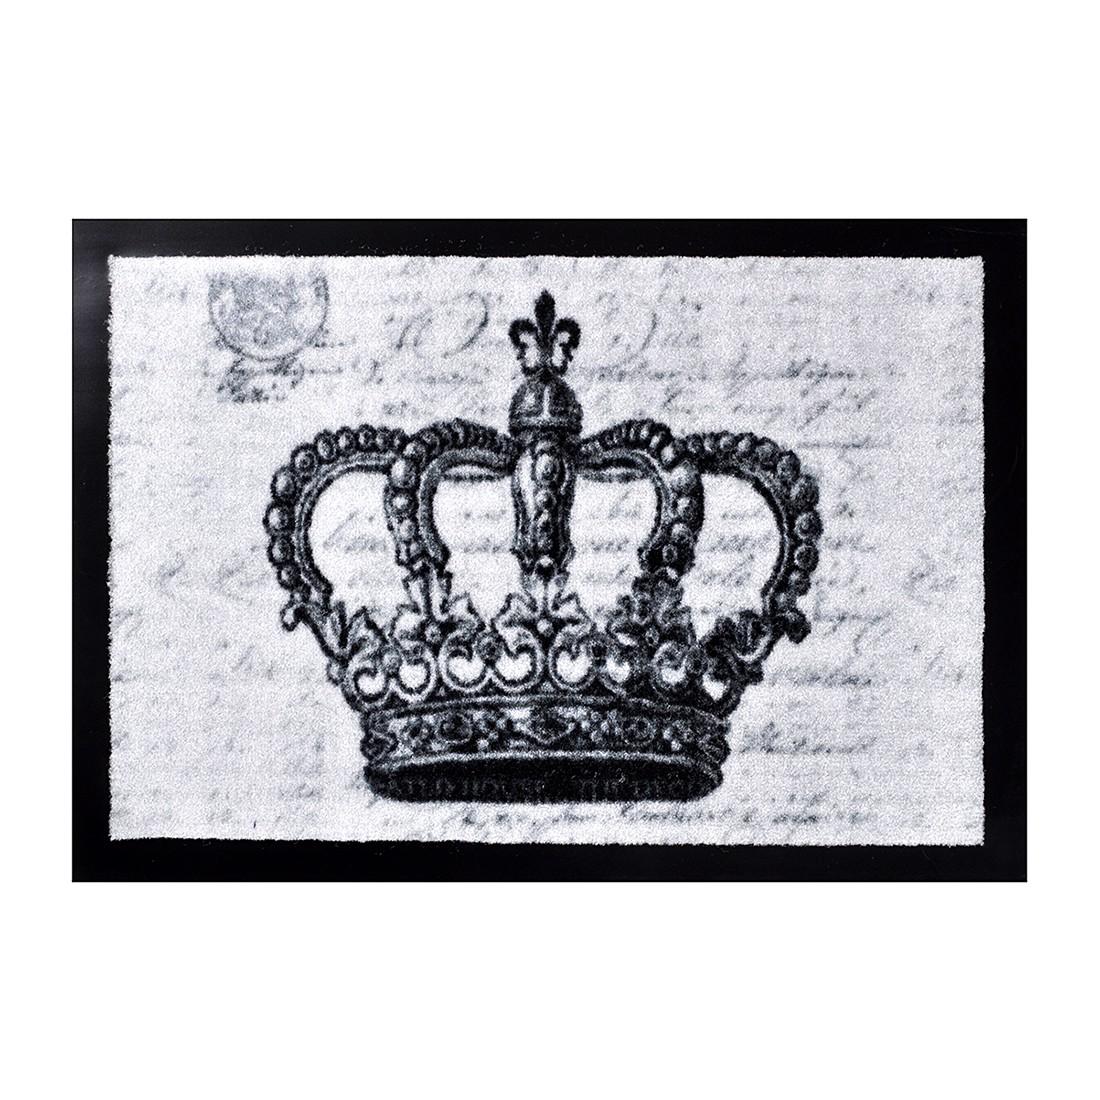 Fußmatte Printy Crown – Grau – 40 x 60 cm, Hanse Home Collection jetzt bestellen